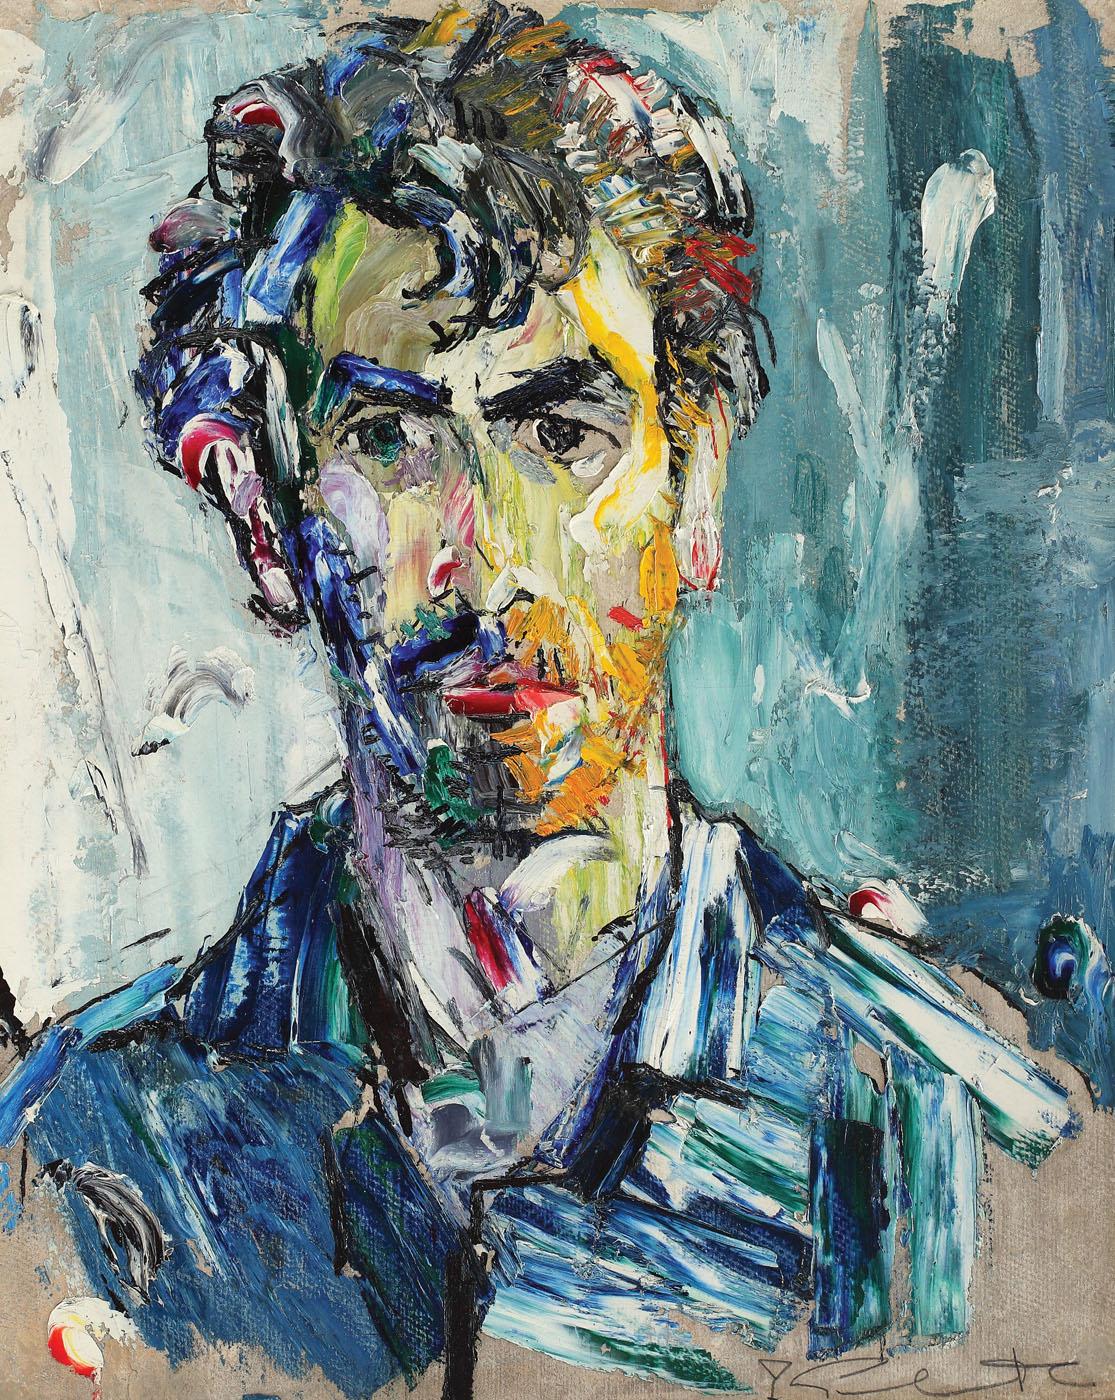 Self-portrait [late 1950s], private collection